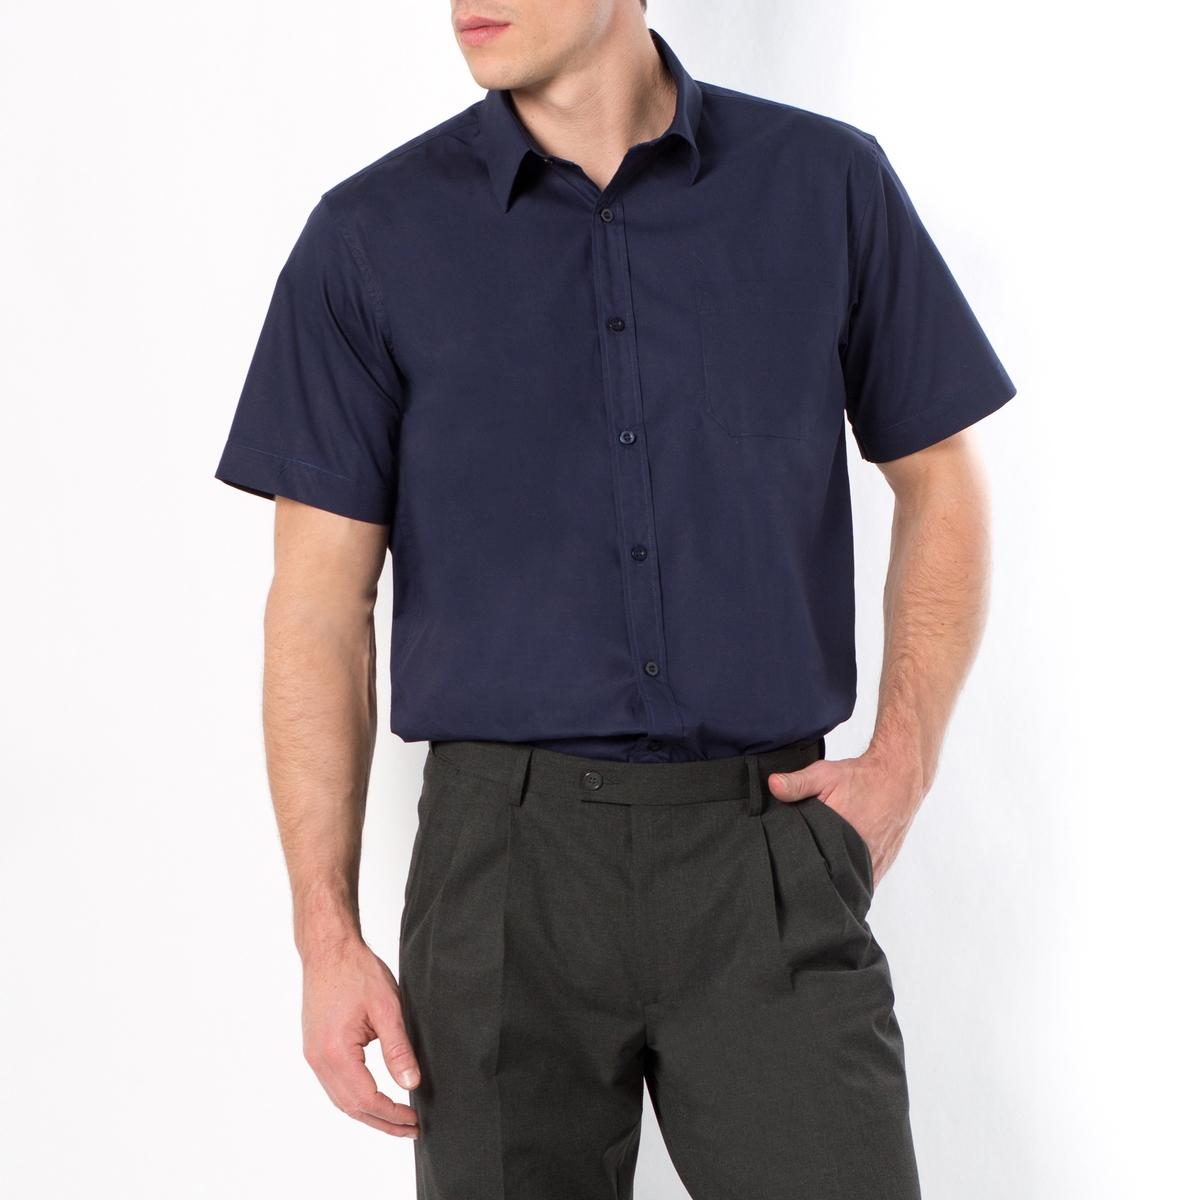 Рубашка из поплина с короткими рукавами, рост 3Рубашка с короткими рукавами, рост 3. 1 накладной нагрудный карман. Складка с полоской ткани на спинке. Из поплина, 100% хлопок. Рост 3 (при росте от 187 см).Рост 3 (при росте от 187 см) :- длина рубашки спереди : 87 см для размера 41/42 и 96 см для размера 59/60.- длина рукавов : 24 см для размера 41/42 и 28,5 см для размера 59/60.Данная модель представлена также для роста 1 и 2 (при росте до 187 см) и с длинными рукавами.<br><br>Цвет: белый,голубой,темно-синий,черный<br>Размер: 41/42.43/44.47/48.49/50.51/52.53/54.55/56.57/58.59/60.47/48.51/52.53/54.55/56.57/58.59/60.41/42.49/50.51/52.55/56.57/58.59/60